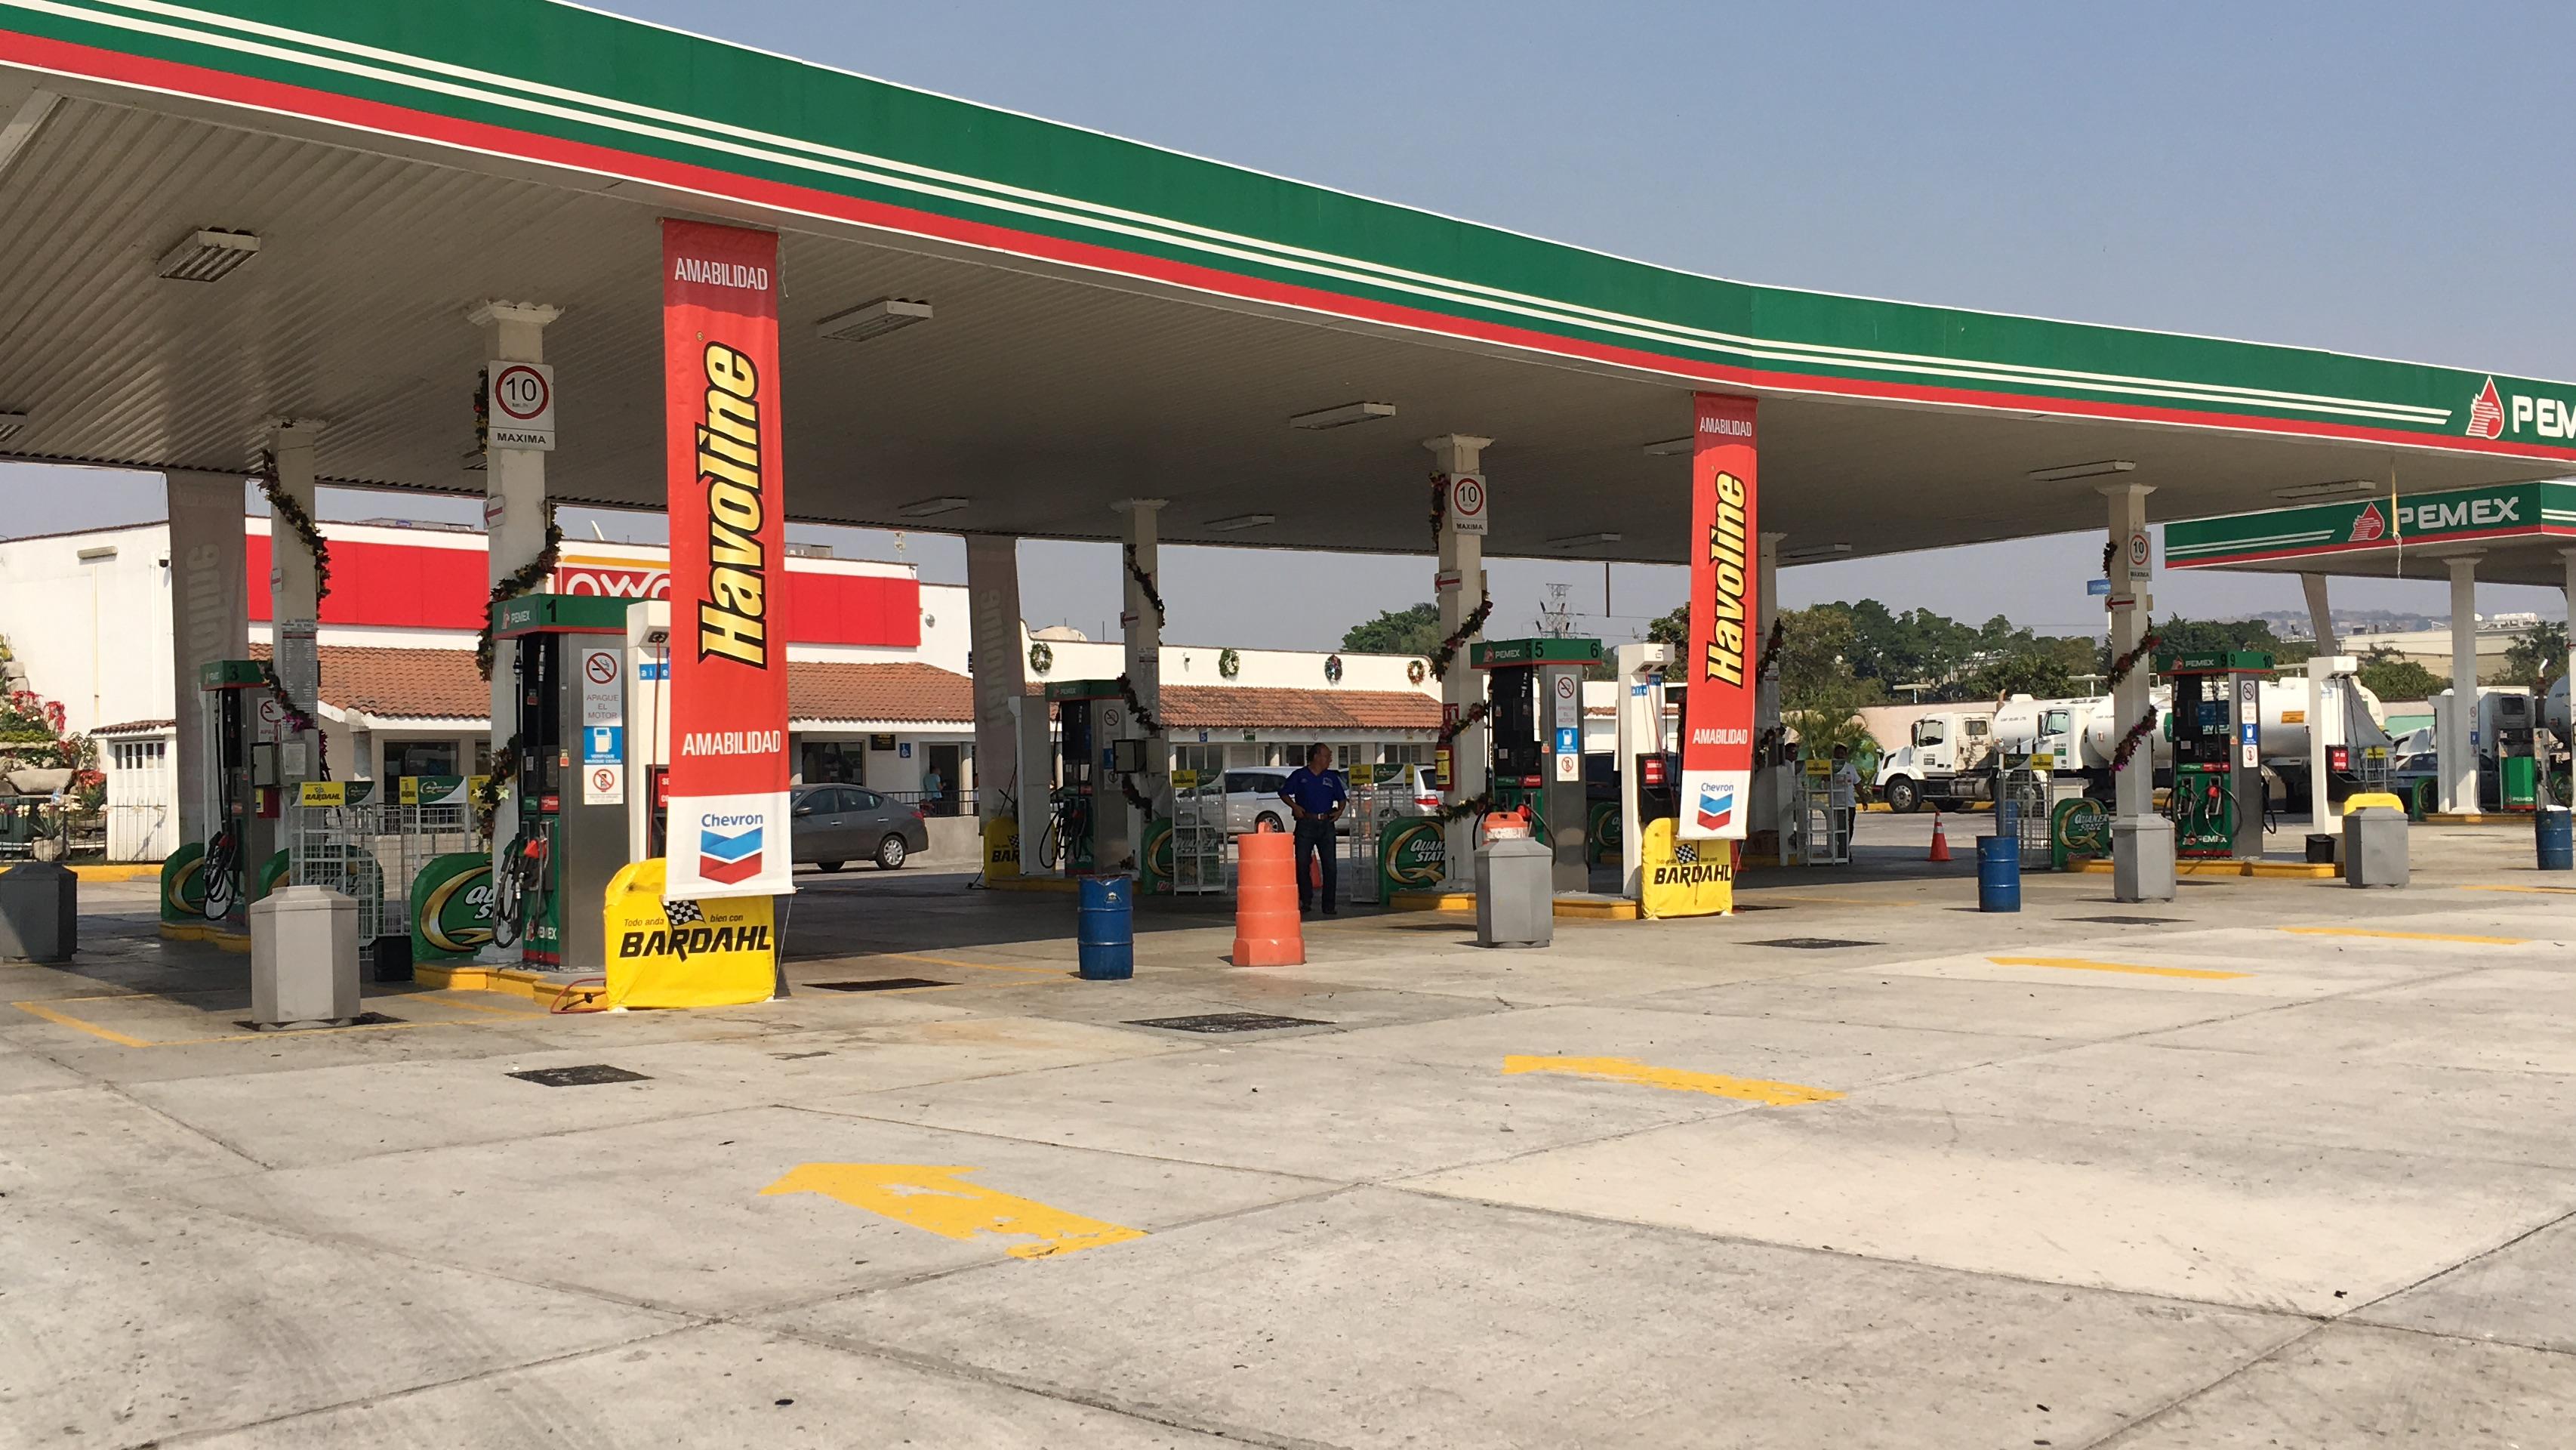 El gasto del combustible reno safran 2.5 gasolina